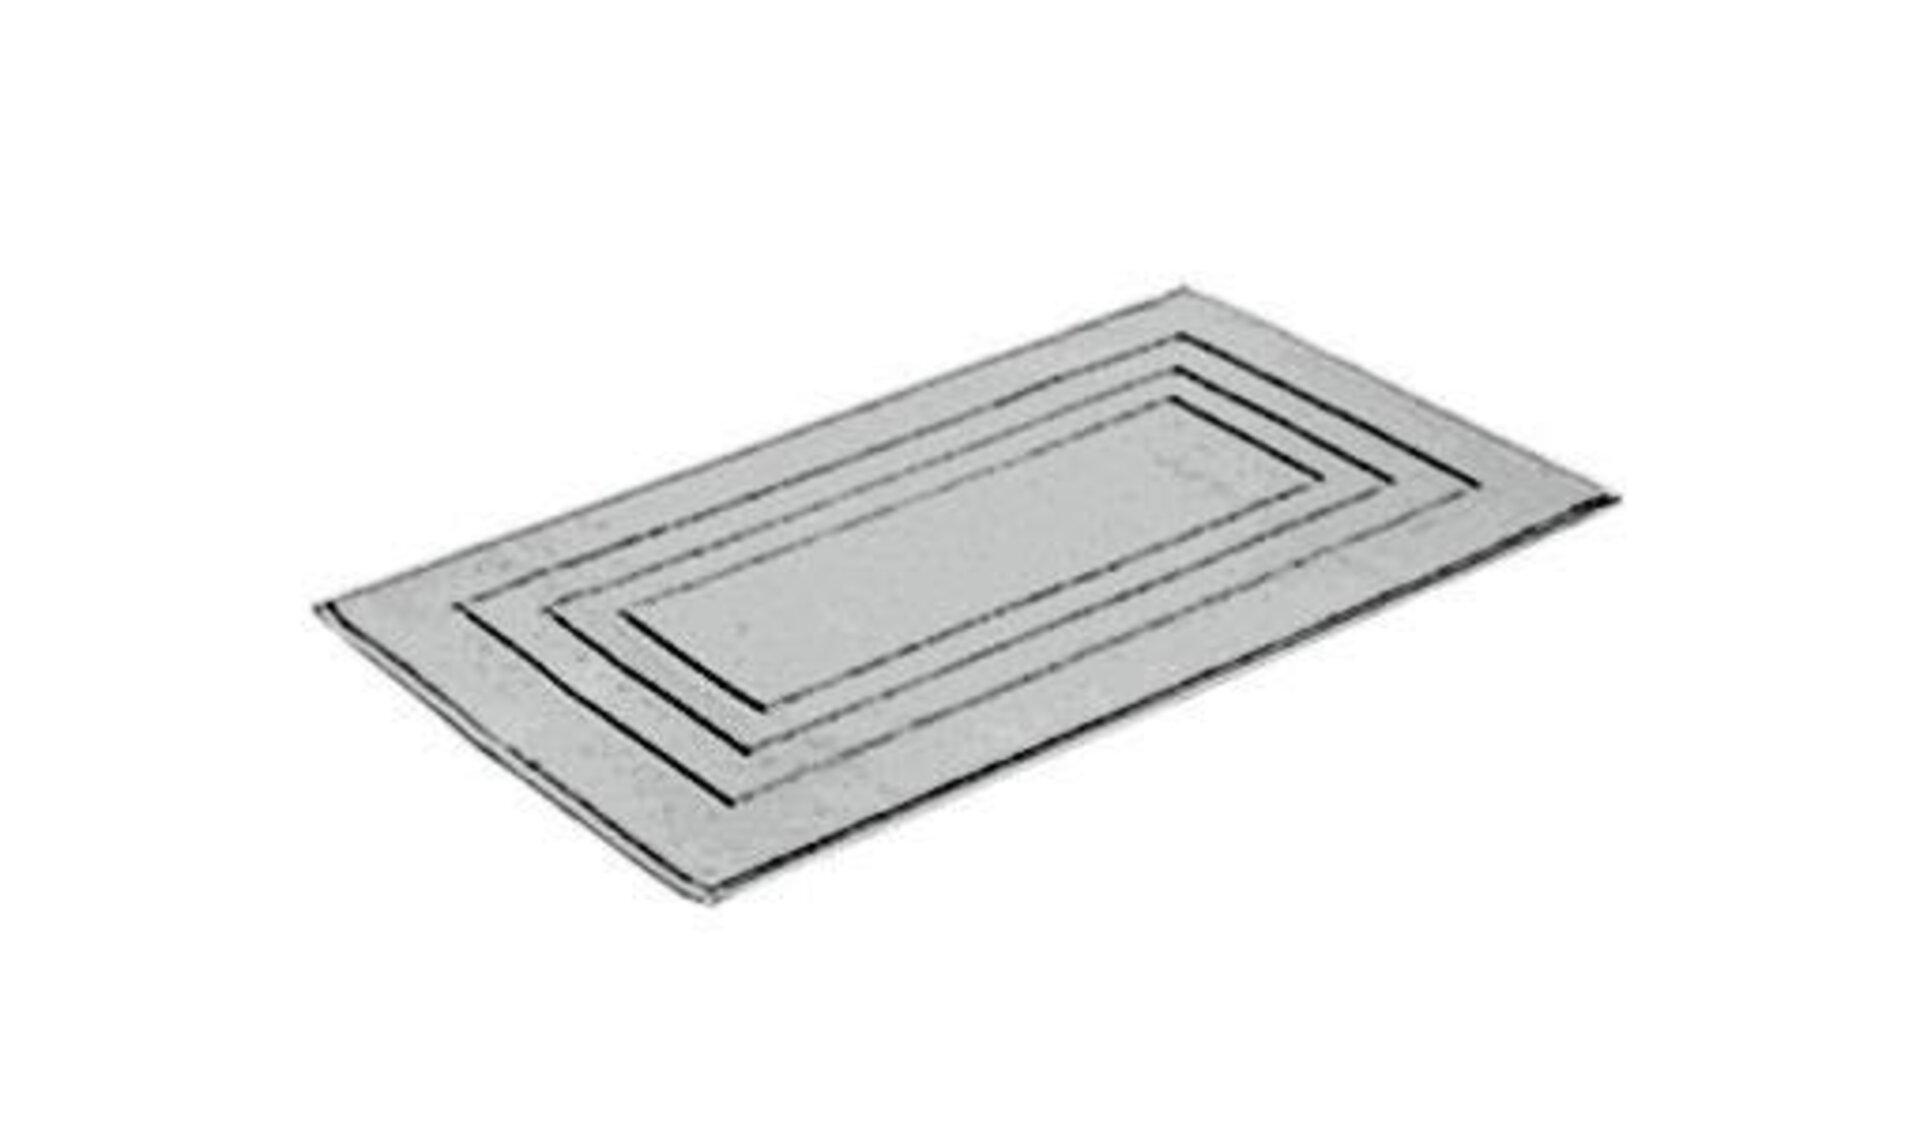 Badteppich aus saugfähigem Material, speziell für Feuchträume